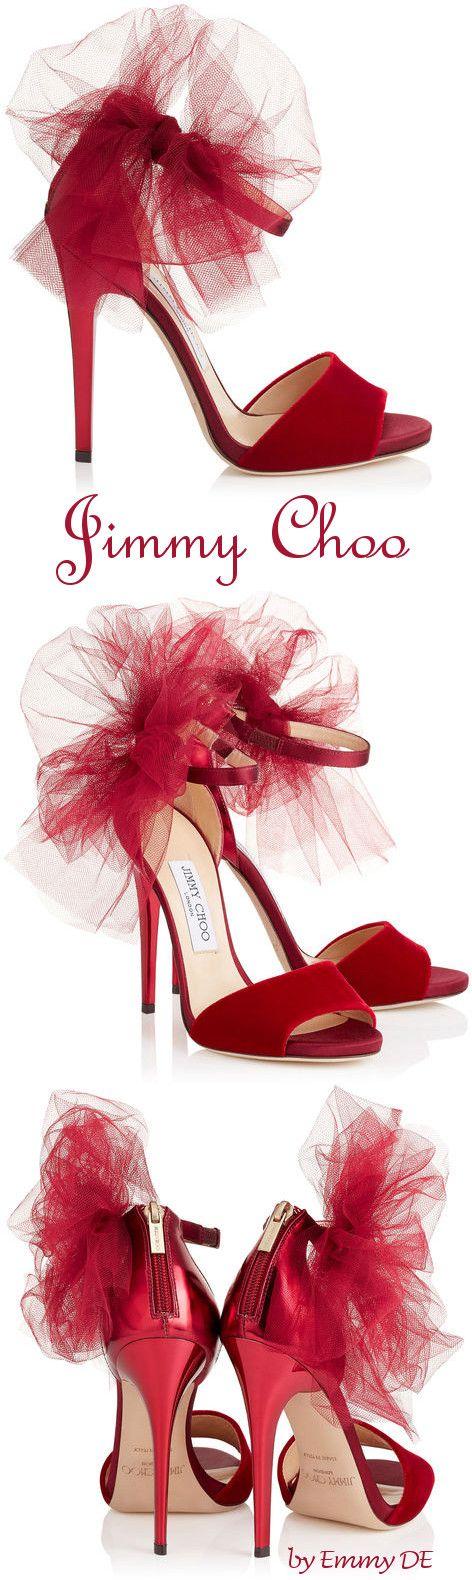 Emmy DE * Jimmy Choo 'Lilyth' 2015